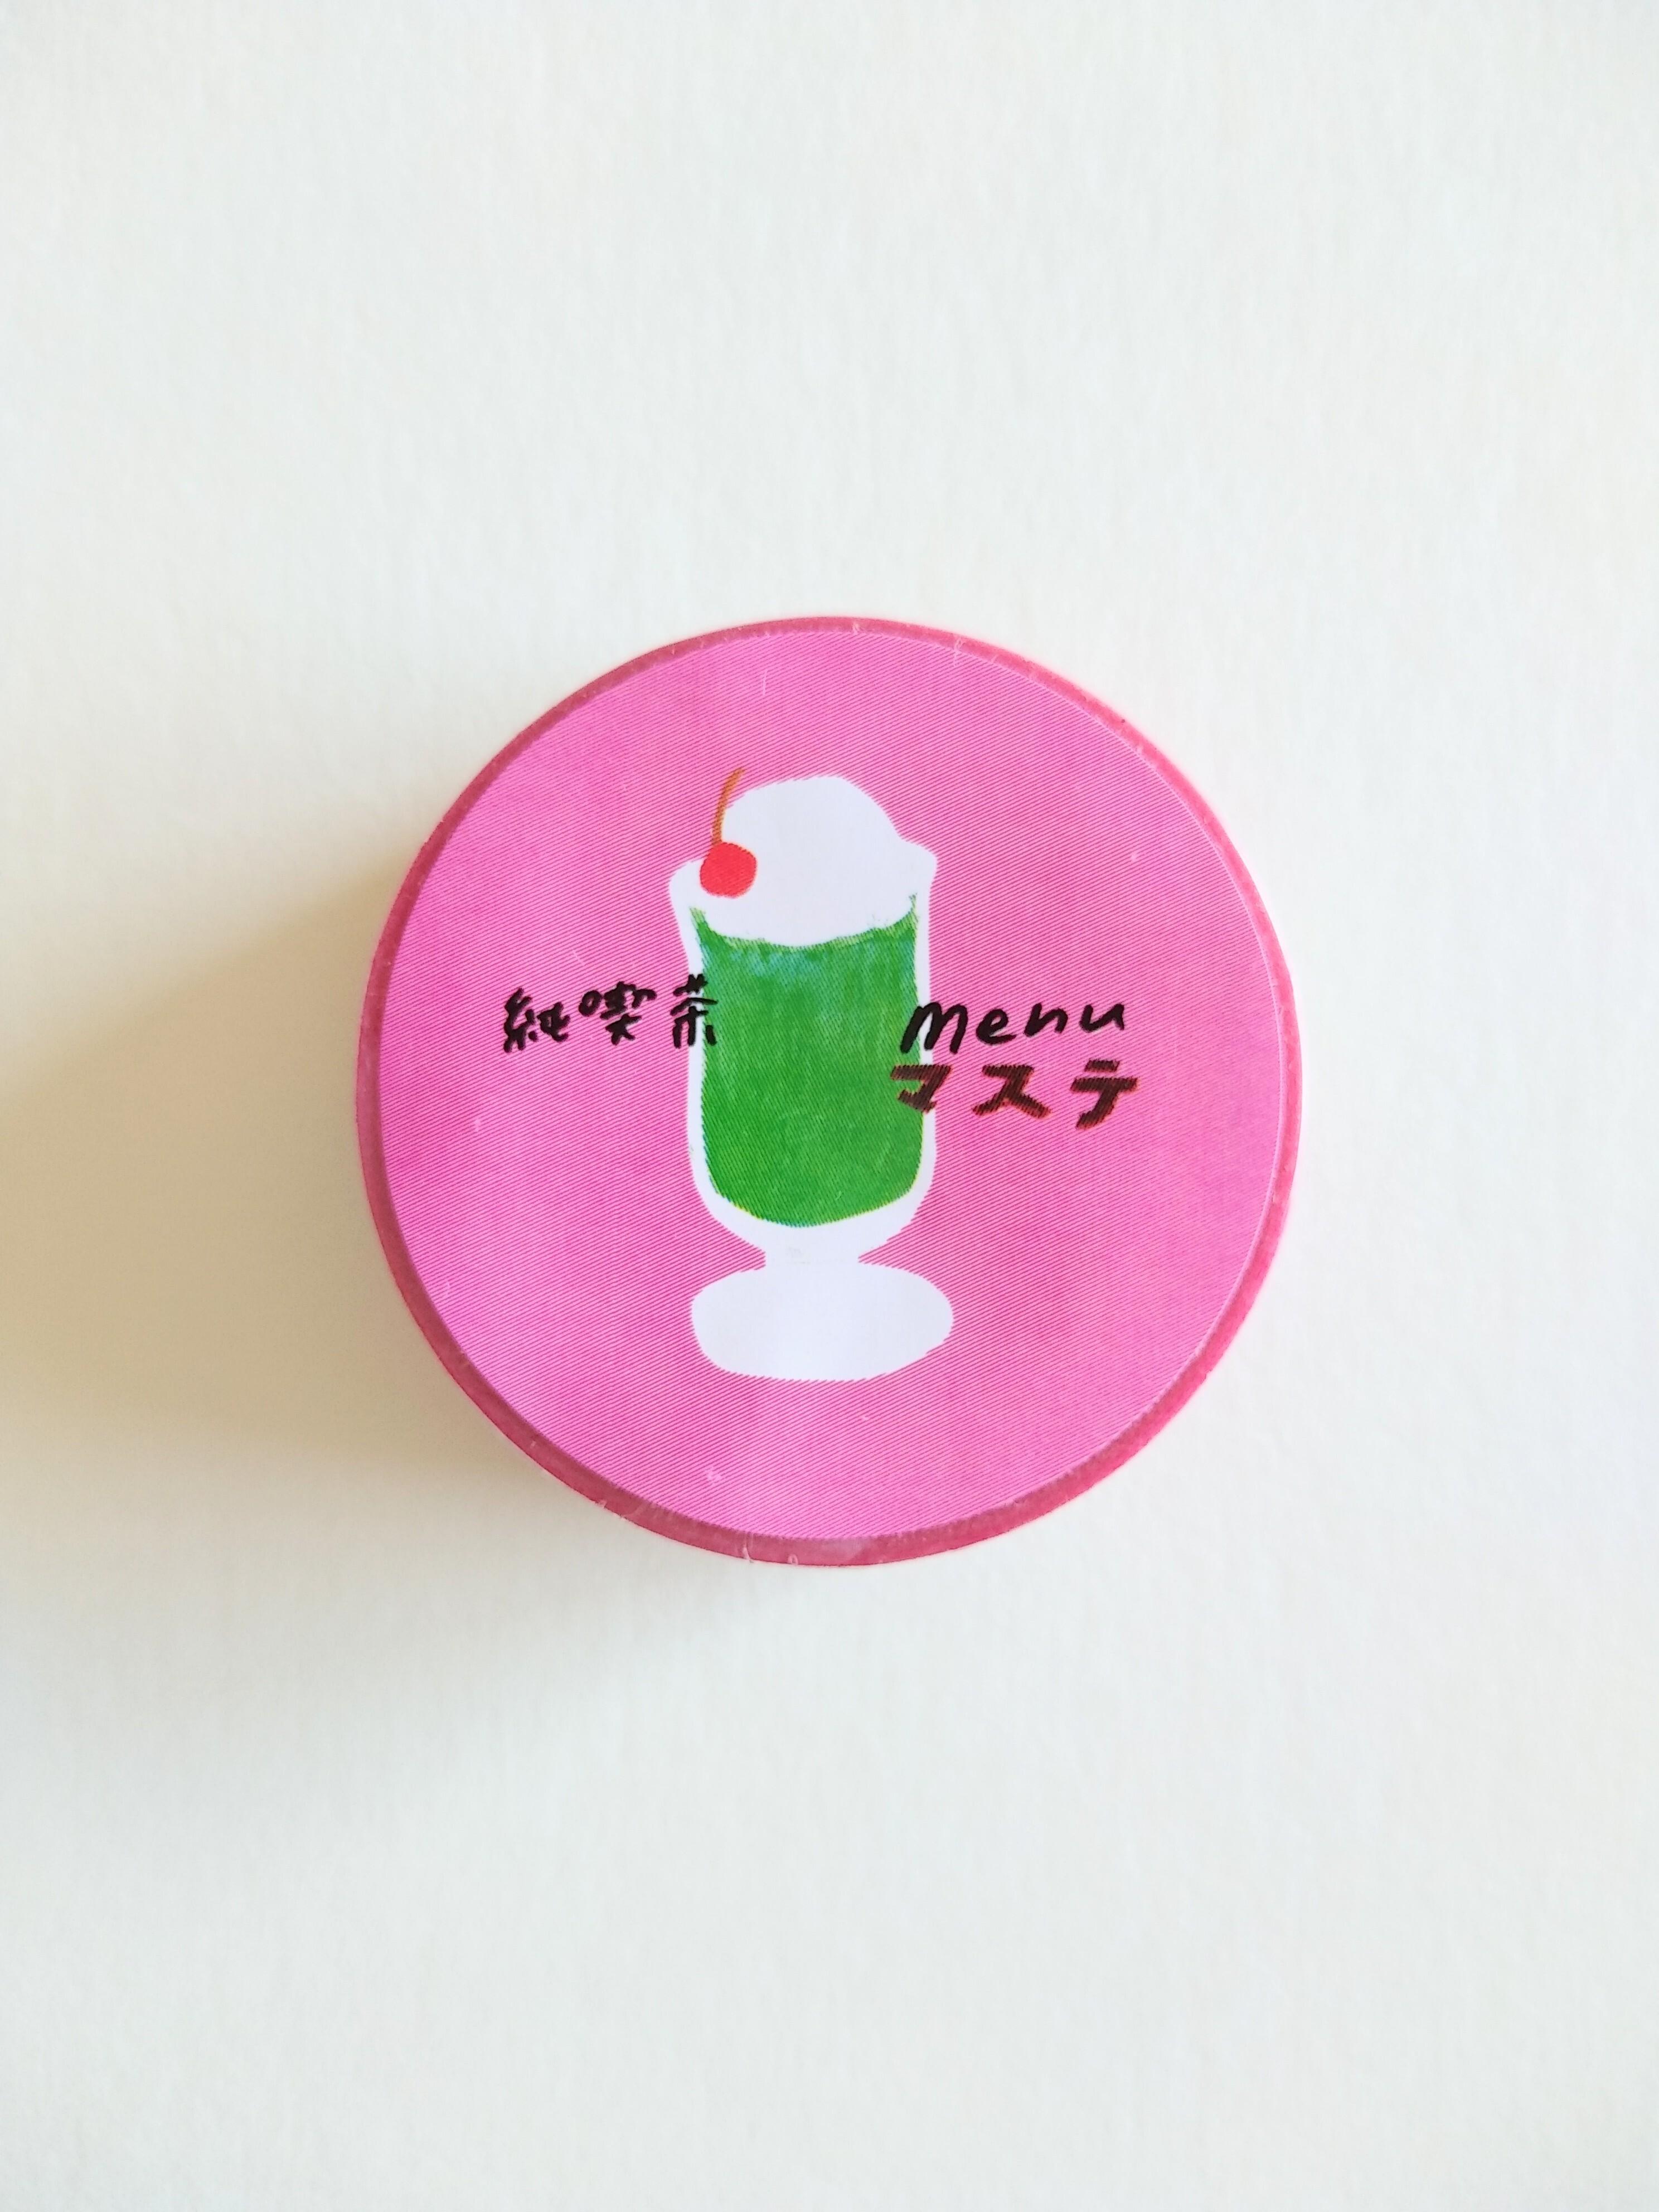 純喫茶menuマステ/表紙クリームソーダ